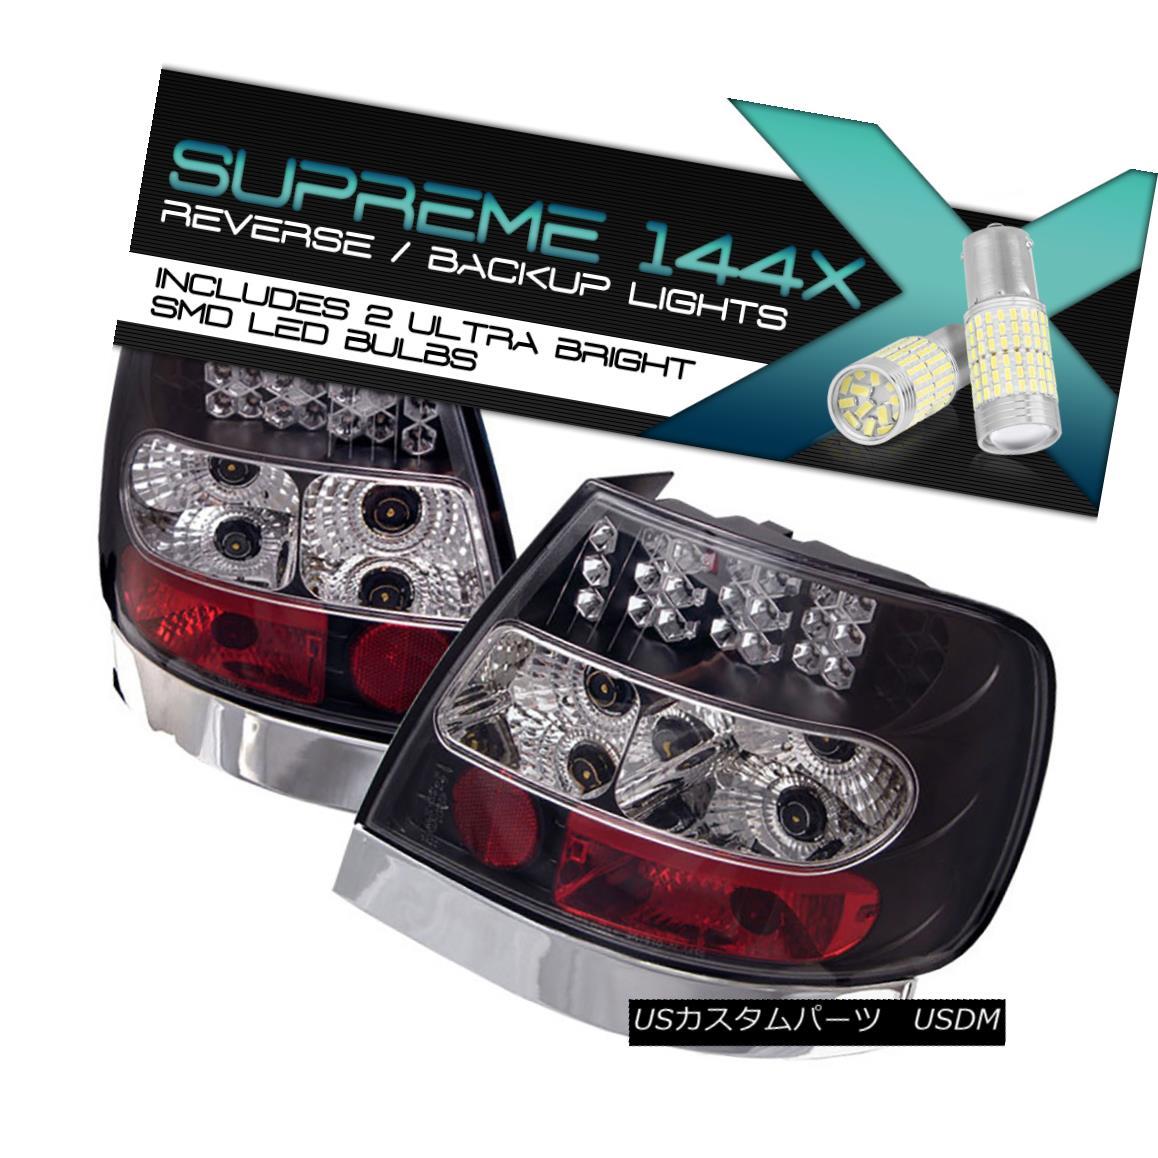 テールライト {FULL SMD REVERSE} 1996-2001 Audi A4 B5 Typ 8D Black LED Turn Signal Tail Lamps {FULL SMD REVERSE} 1996-2001 Audi A4 B5 Typ 8DブラックLEDターンシグナルテールランプ